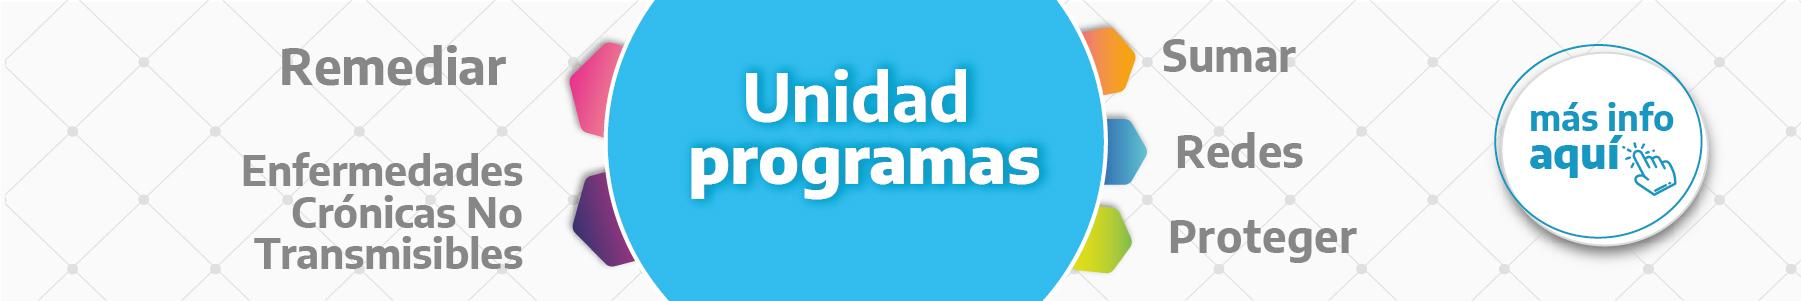 unidad programas